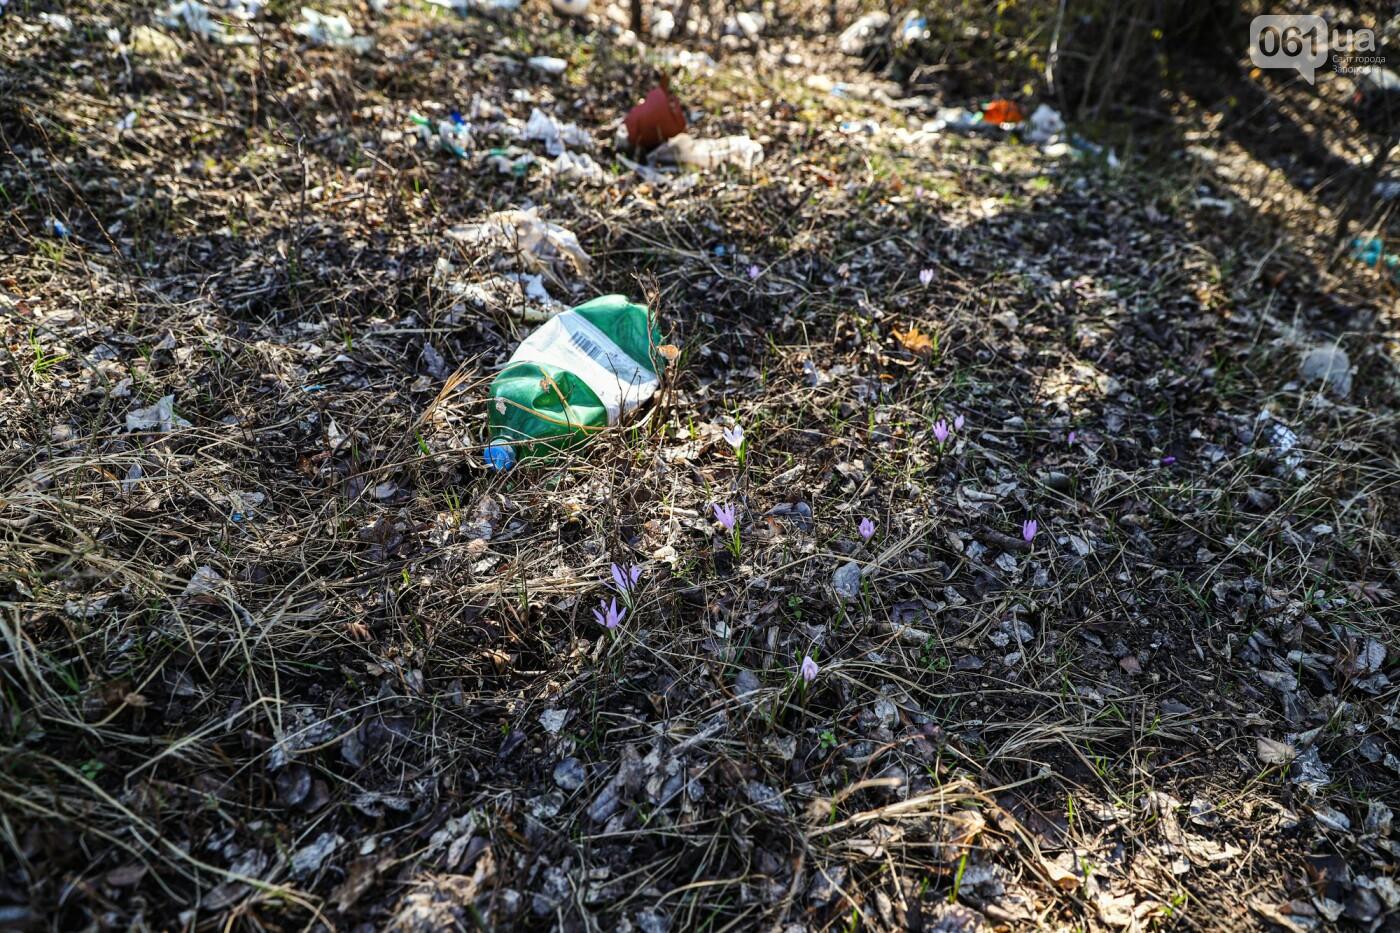 Цветущие крокусы и горы мусора: как сейчас выглядит балка Партизанская в Запорожье, - ФОТО, фото-13